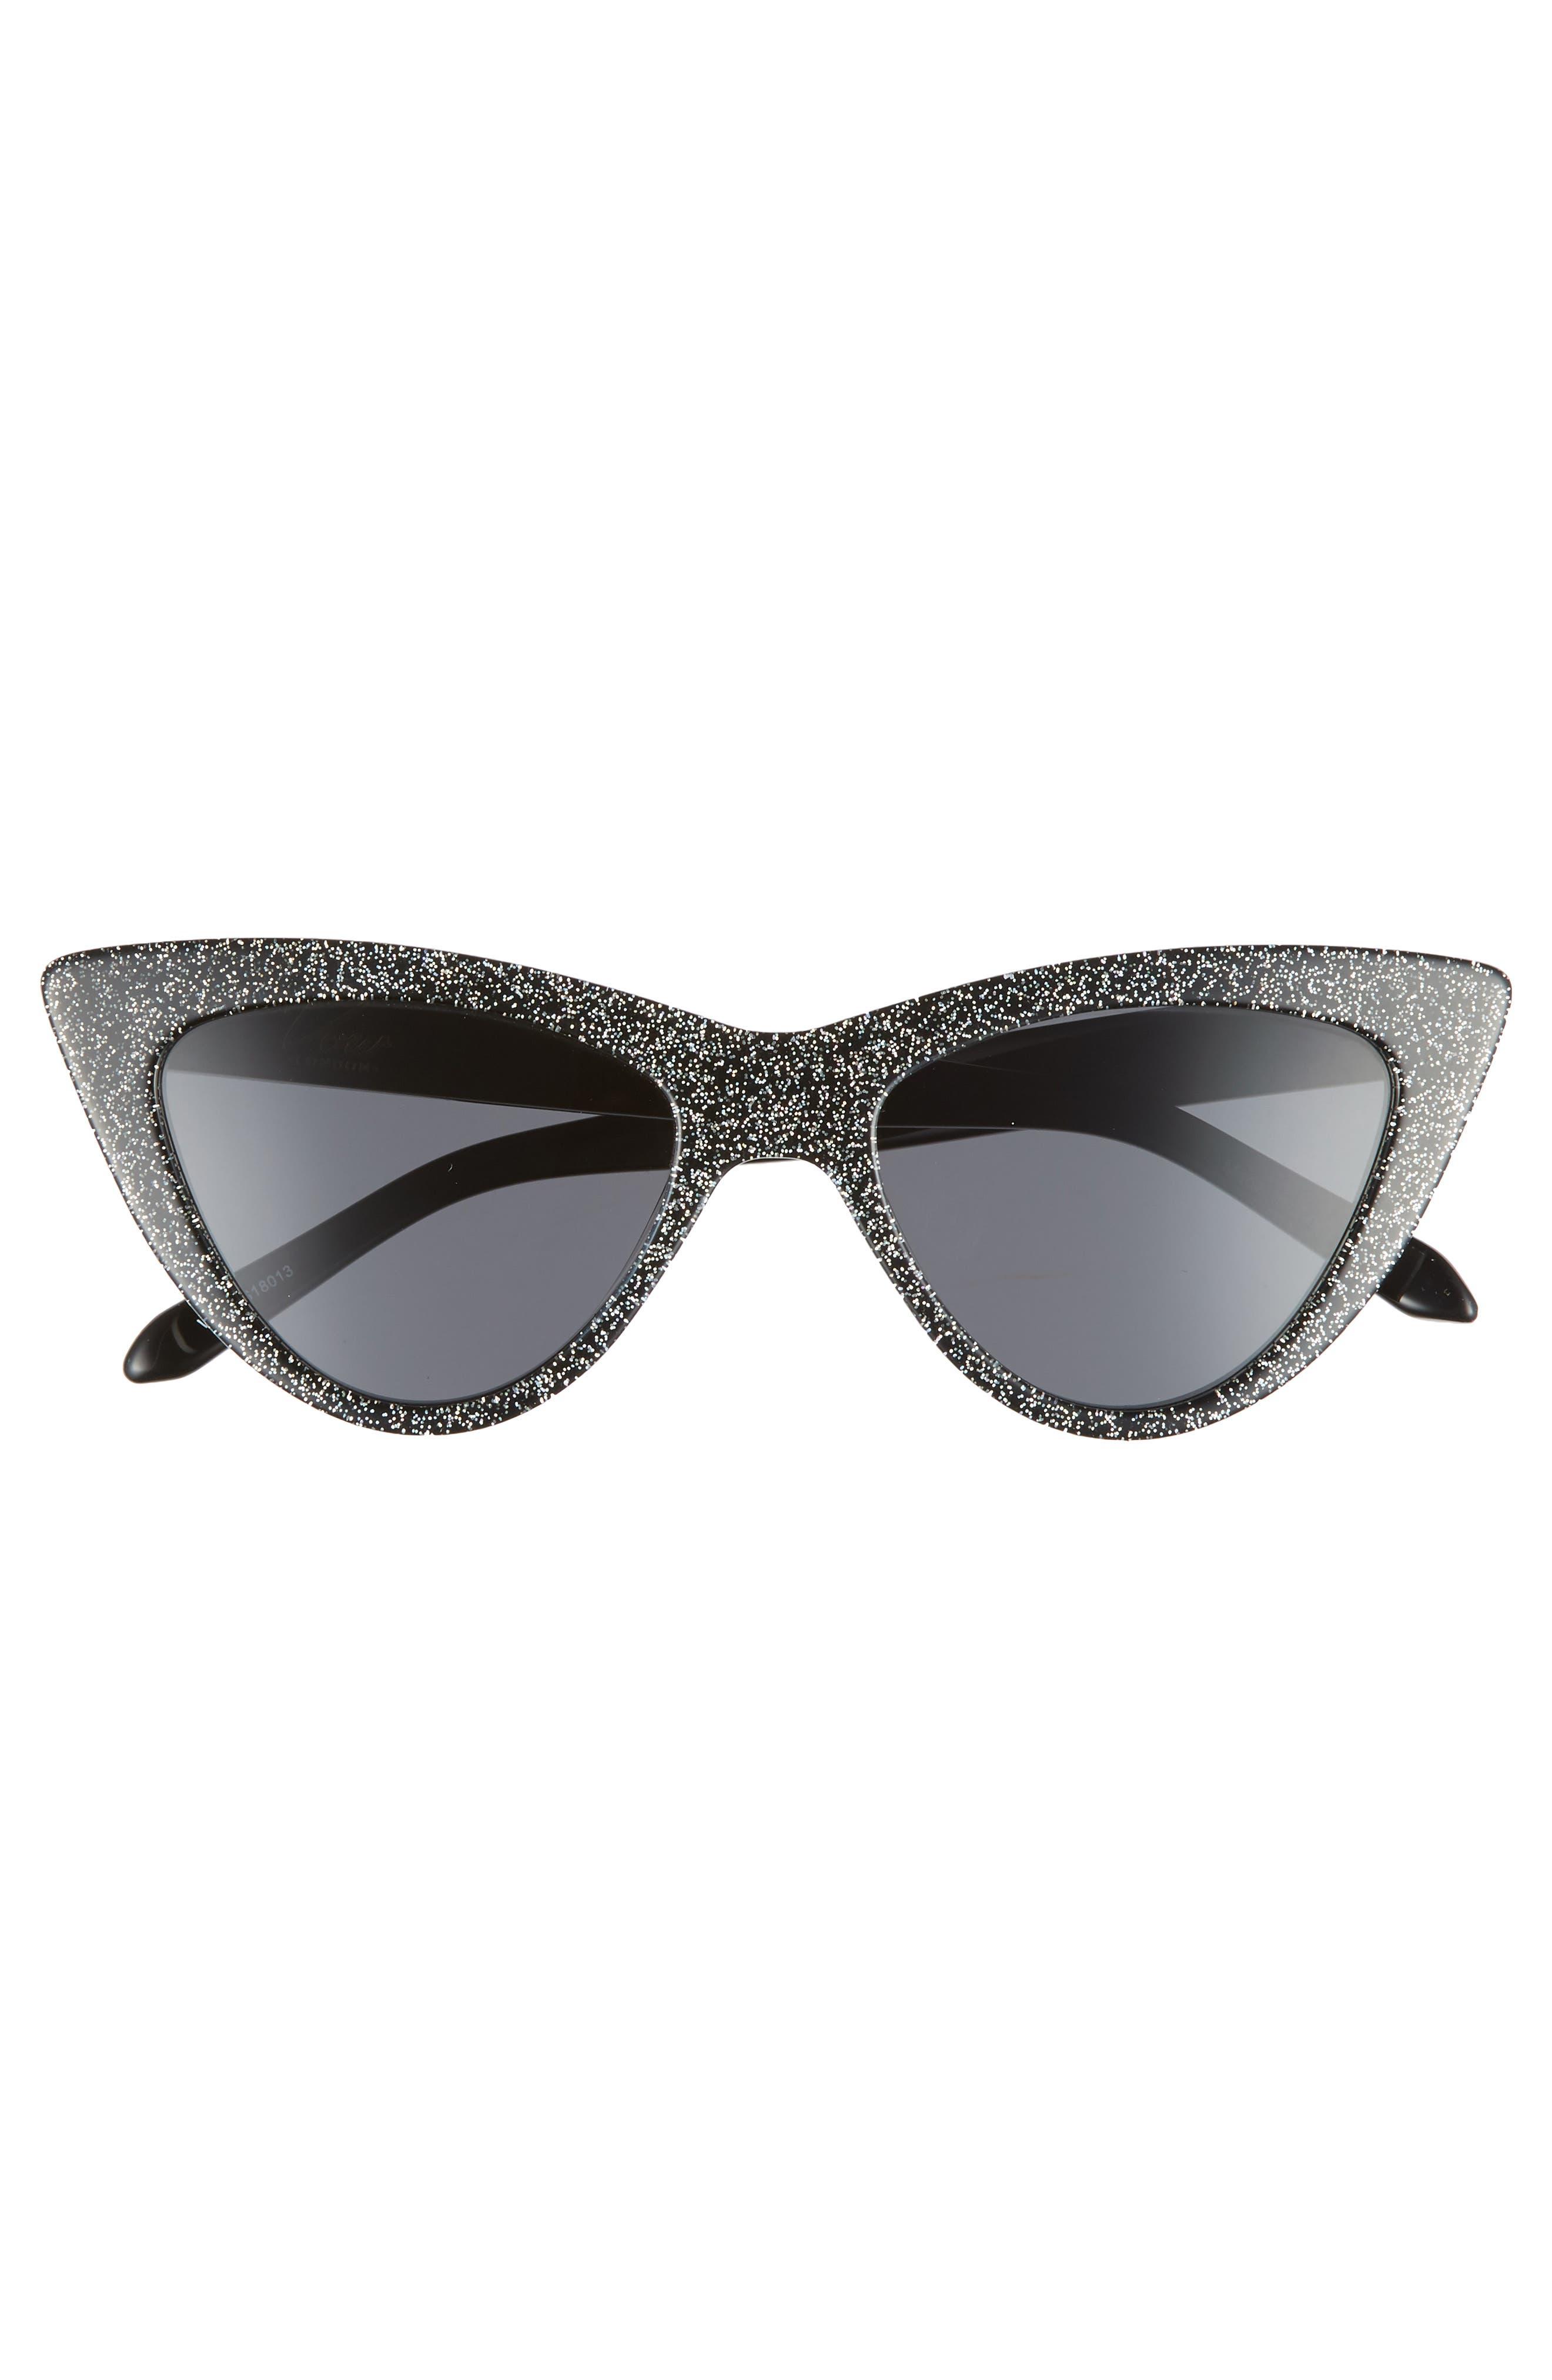 Nancy 53mm Cat Eye Sunglasses,                             Alternate thumbnail 3, color,                             MULTI GLITTER/ SMOKE